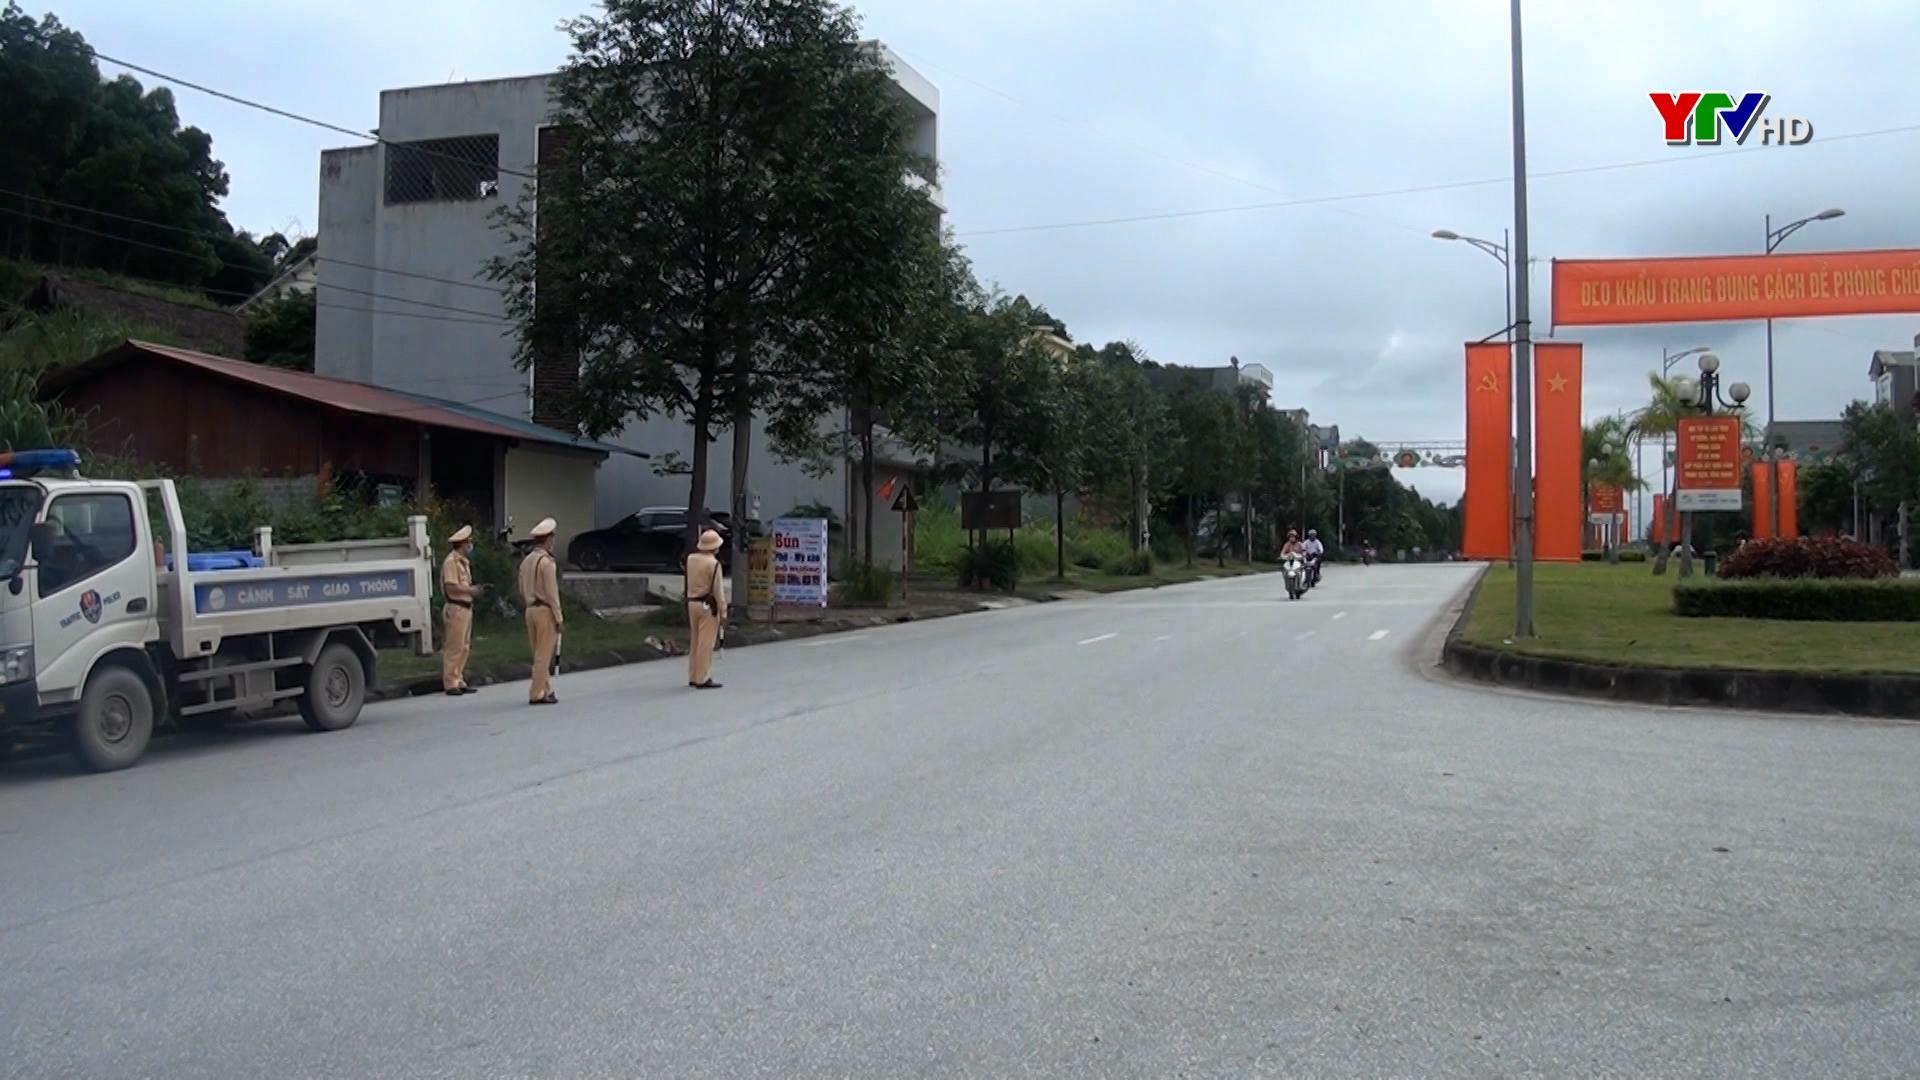 Năm 2020 huyện Yên Bình xảy ra 13 vụ tai nạn giao thông